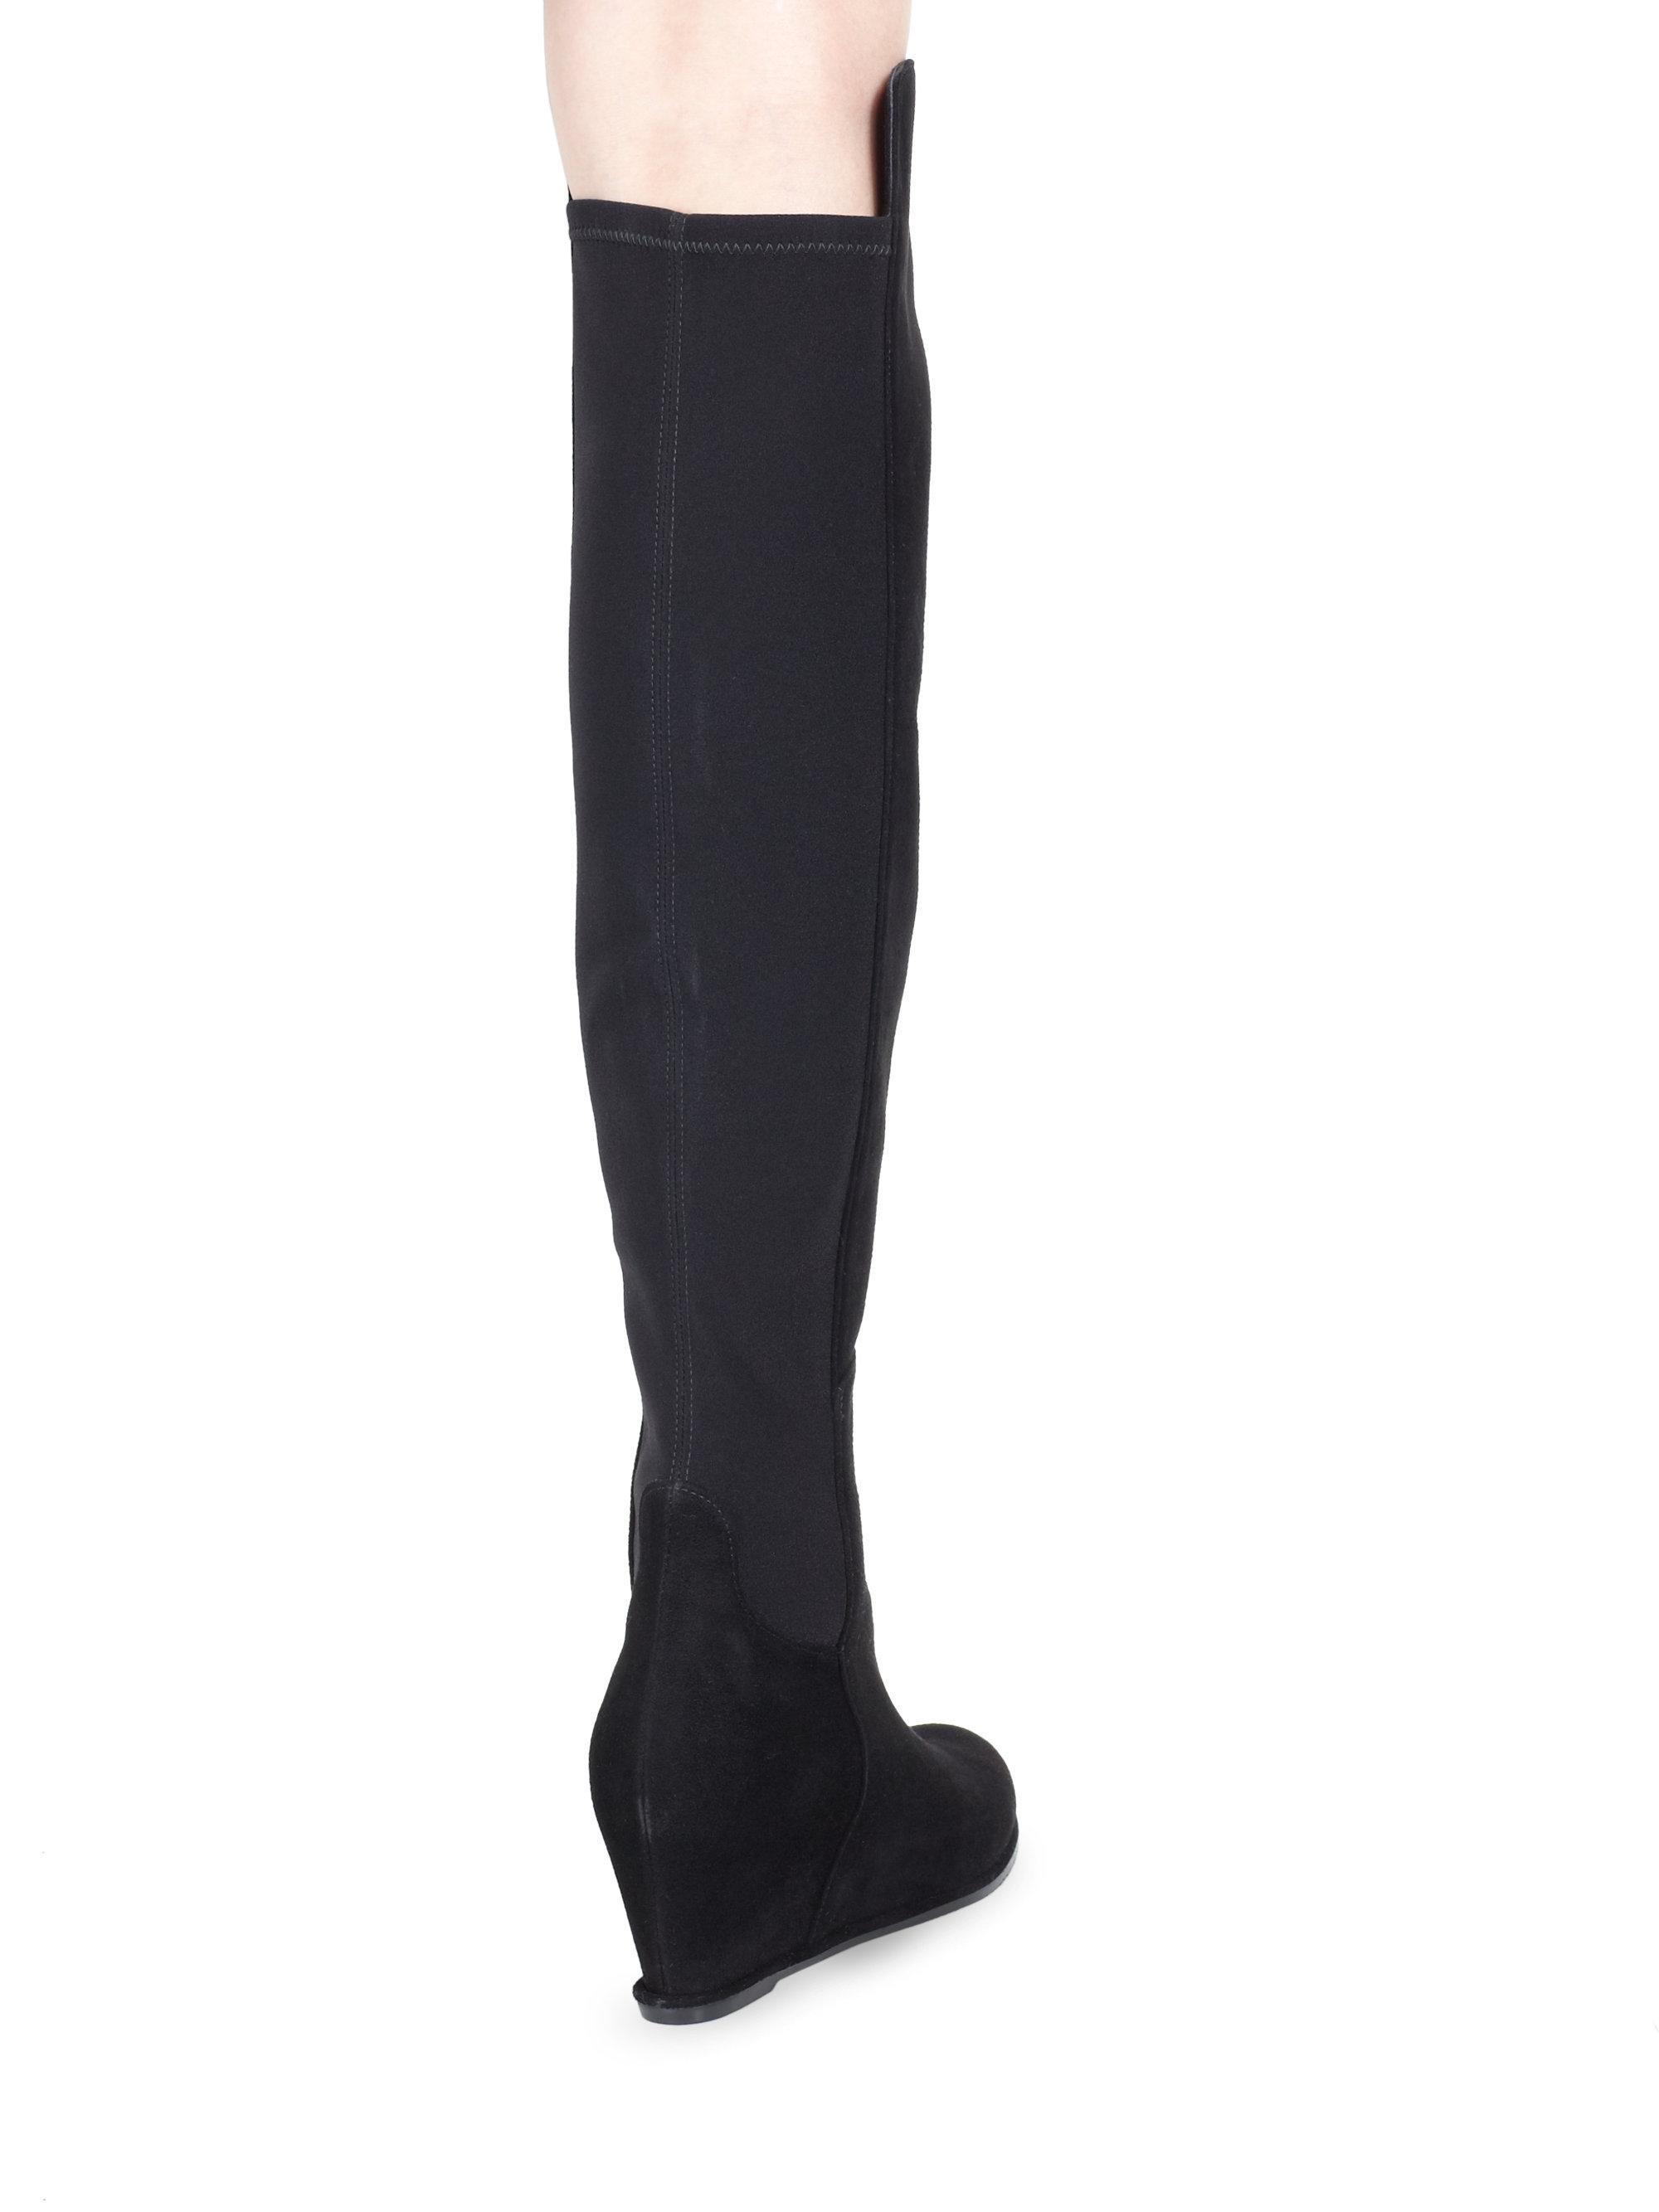 Stuart weitzman Suede Over-the-knee Wedge Boots in Black | Lyst